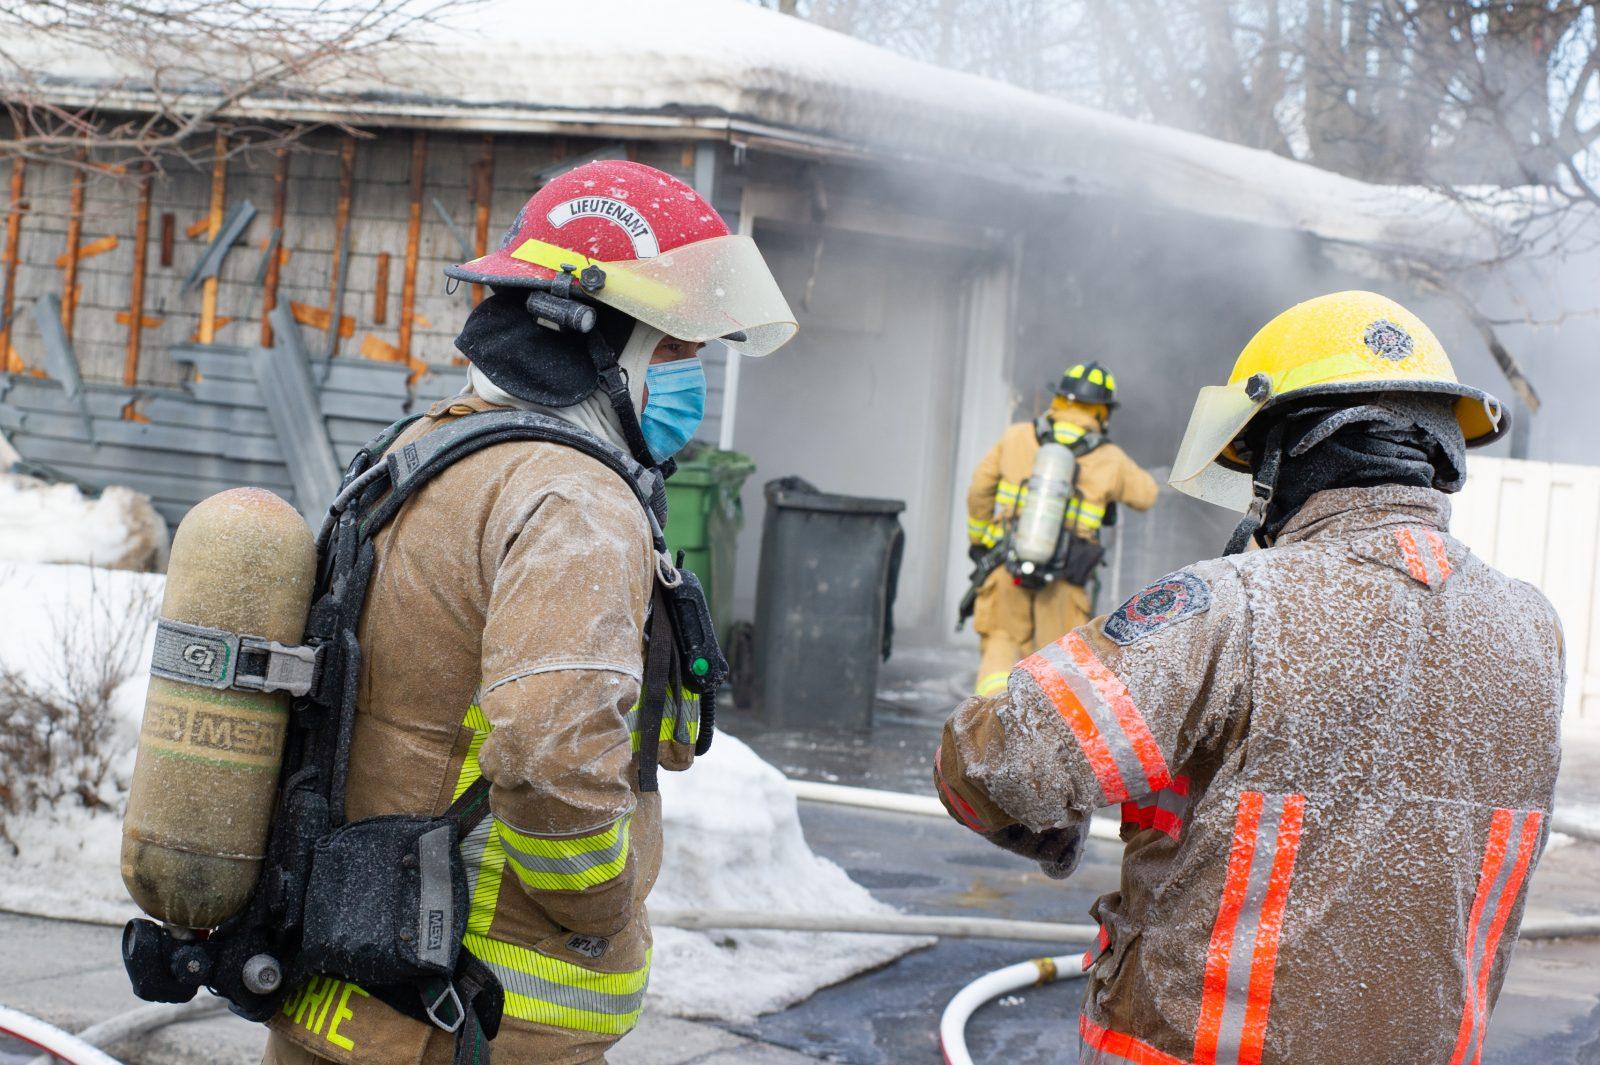 Un petit atelier d'ébénisterie endommagé par les flammes